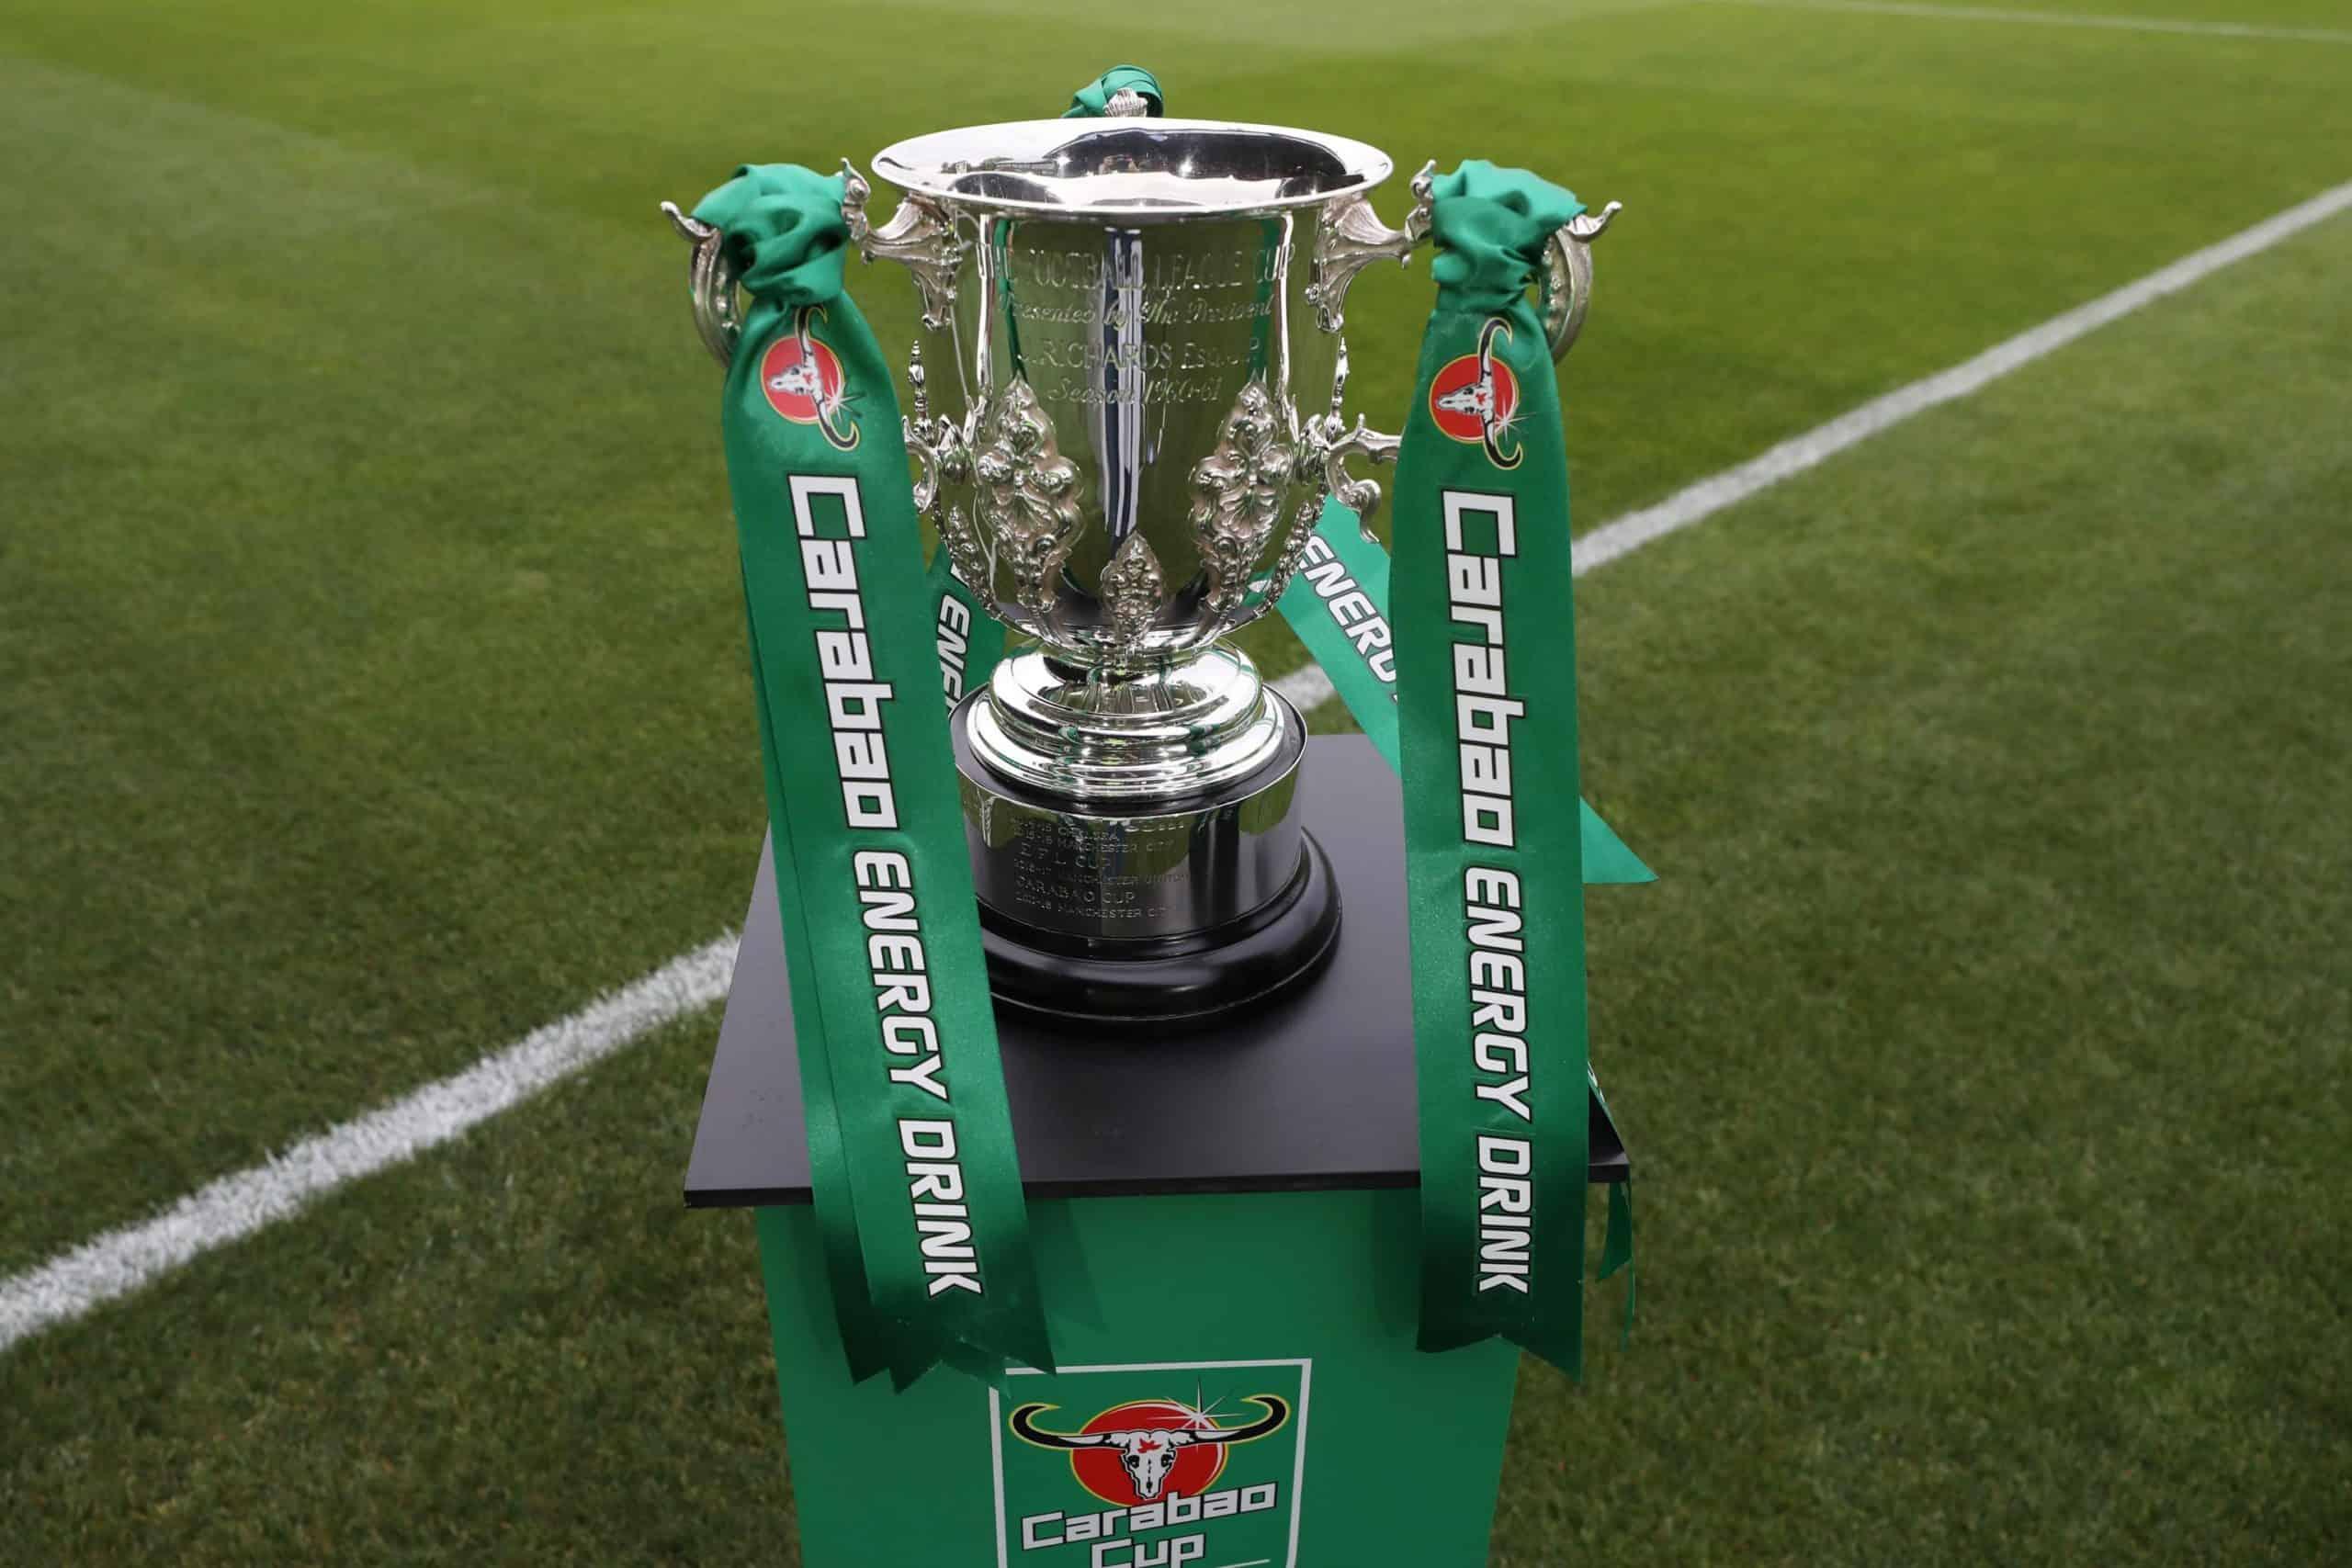 Ponturi Cupa Ligii Angliei 21.09.2021